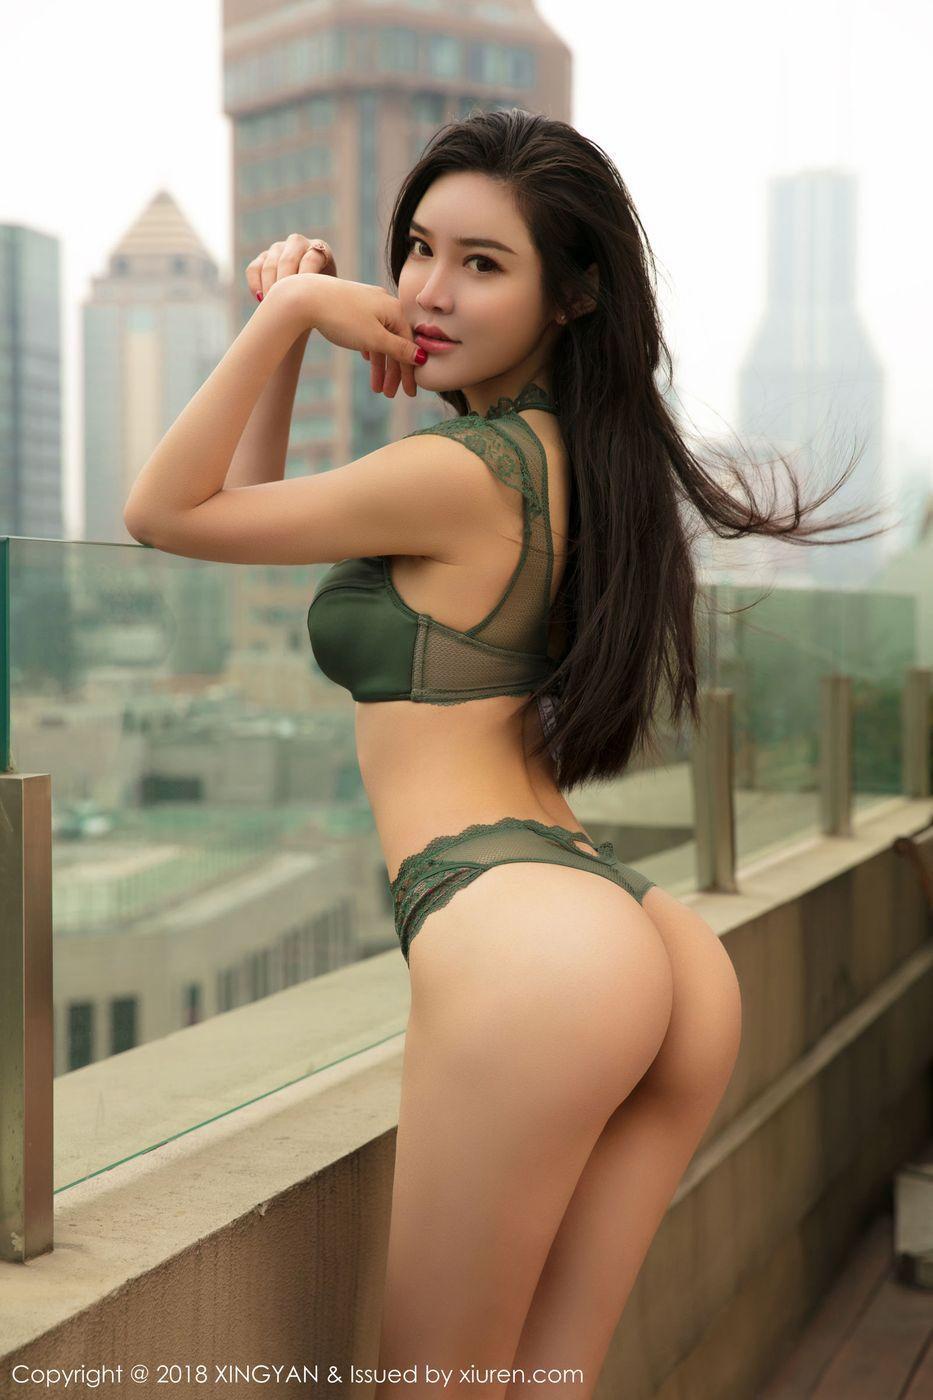 丝袜美腿内衣诱惑浴室美女翘臀性感女神星颜社-[何晨曦]超高清写真图片 1620127468更新